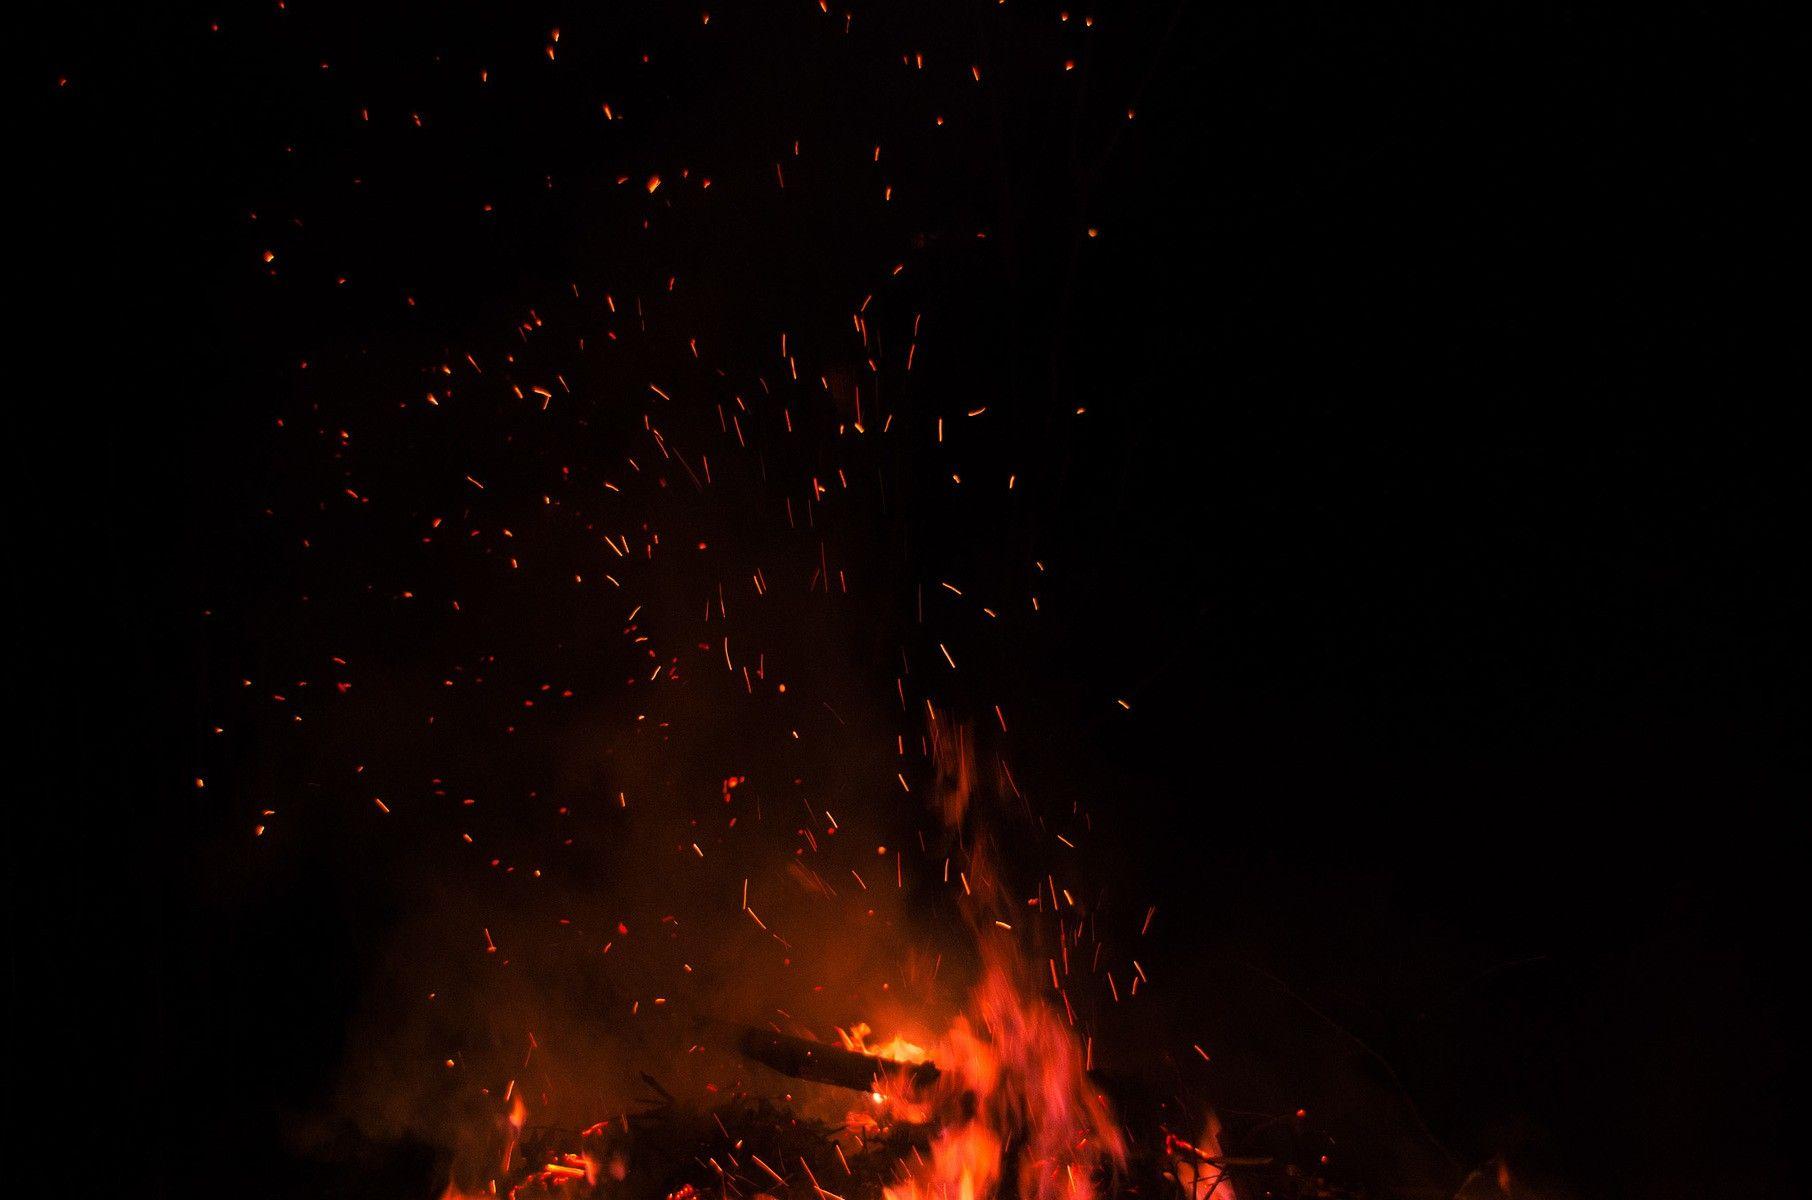 Fire Sparkles Fire Sparkles Raw Hot Lovelife Flammlachs Feuerfisch Feuerschale